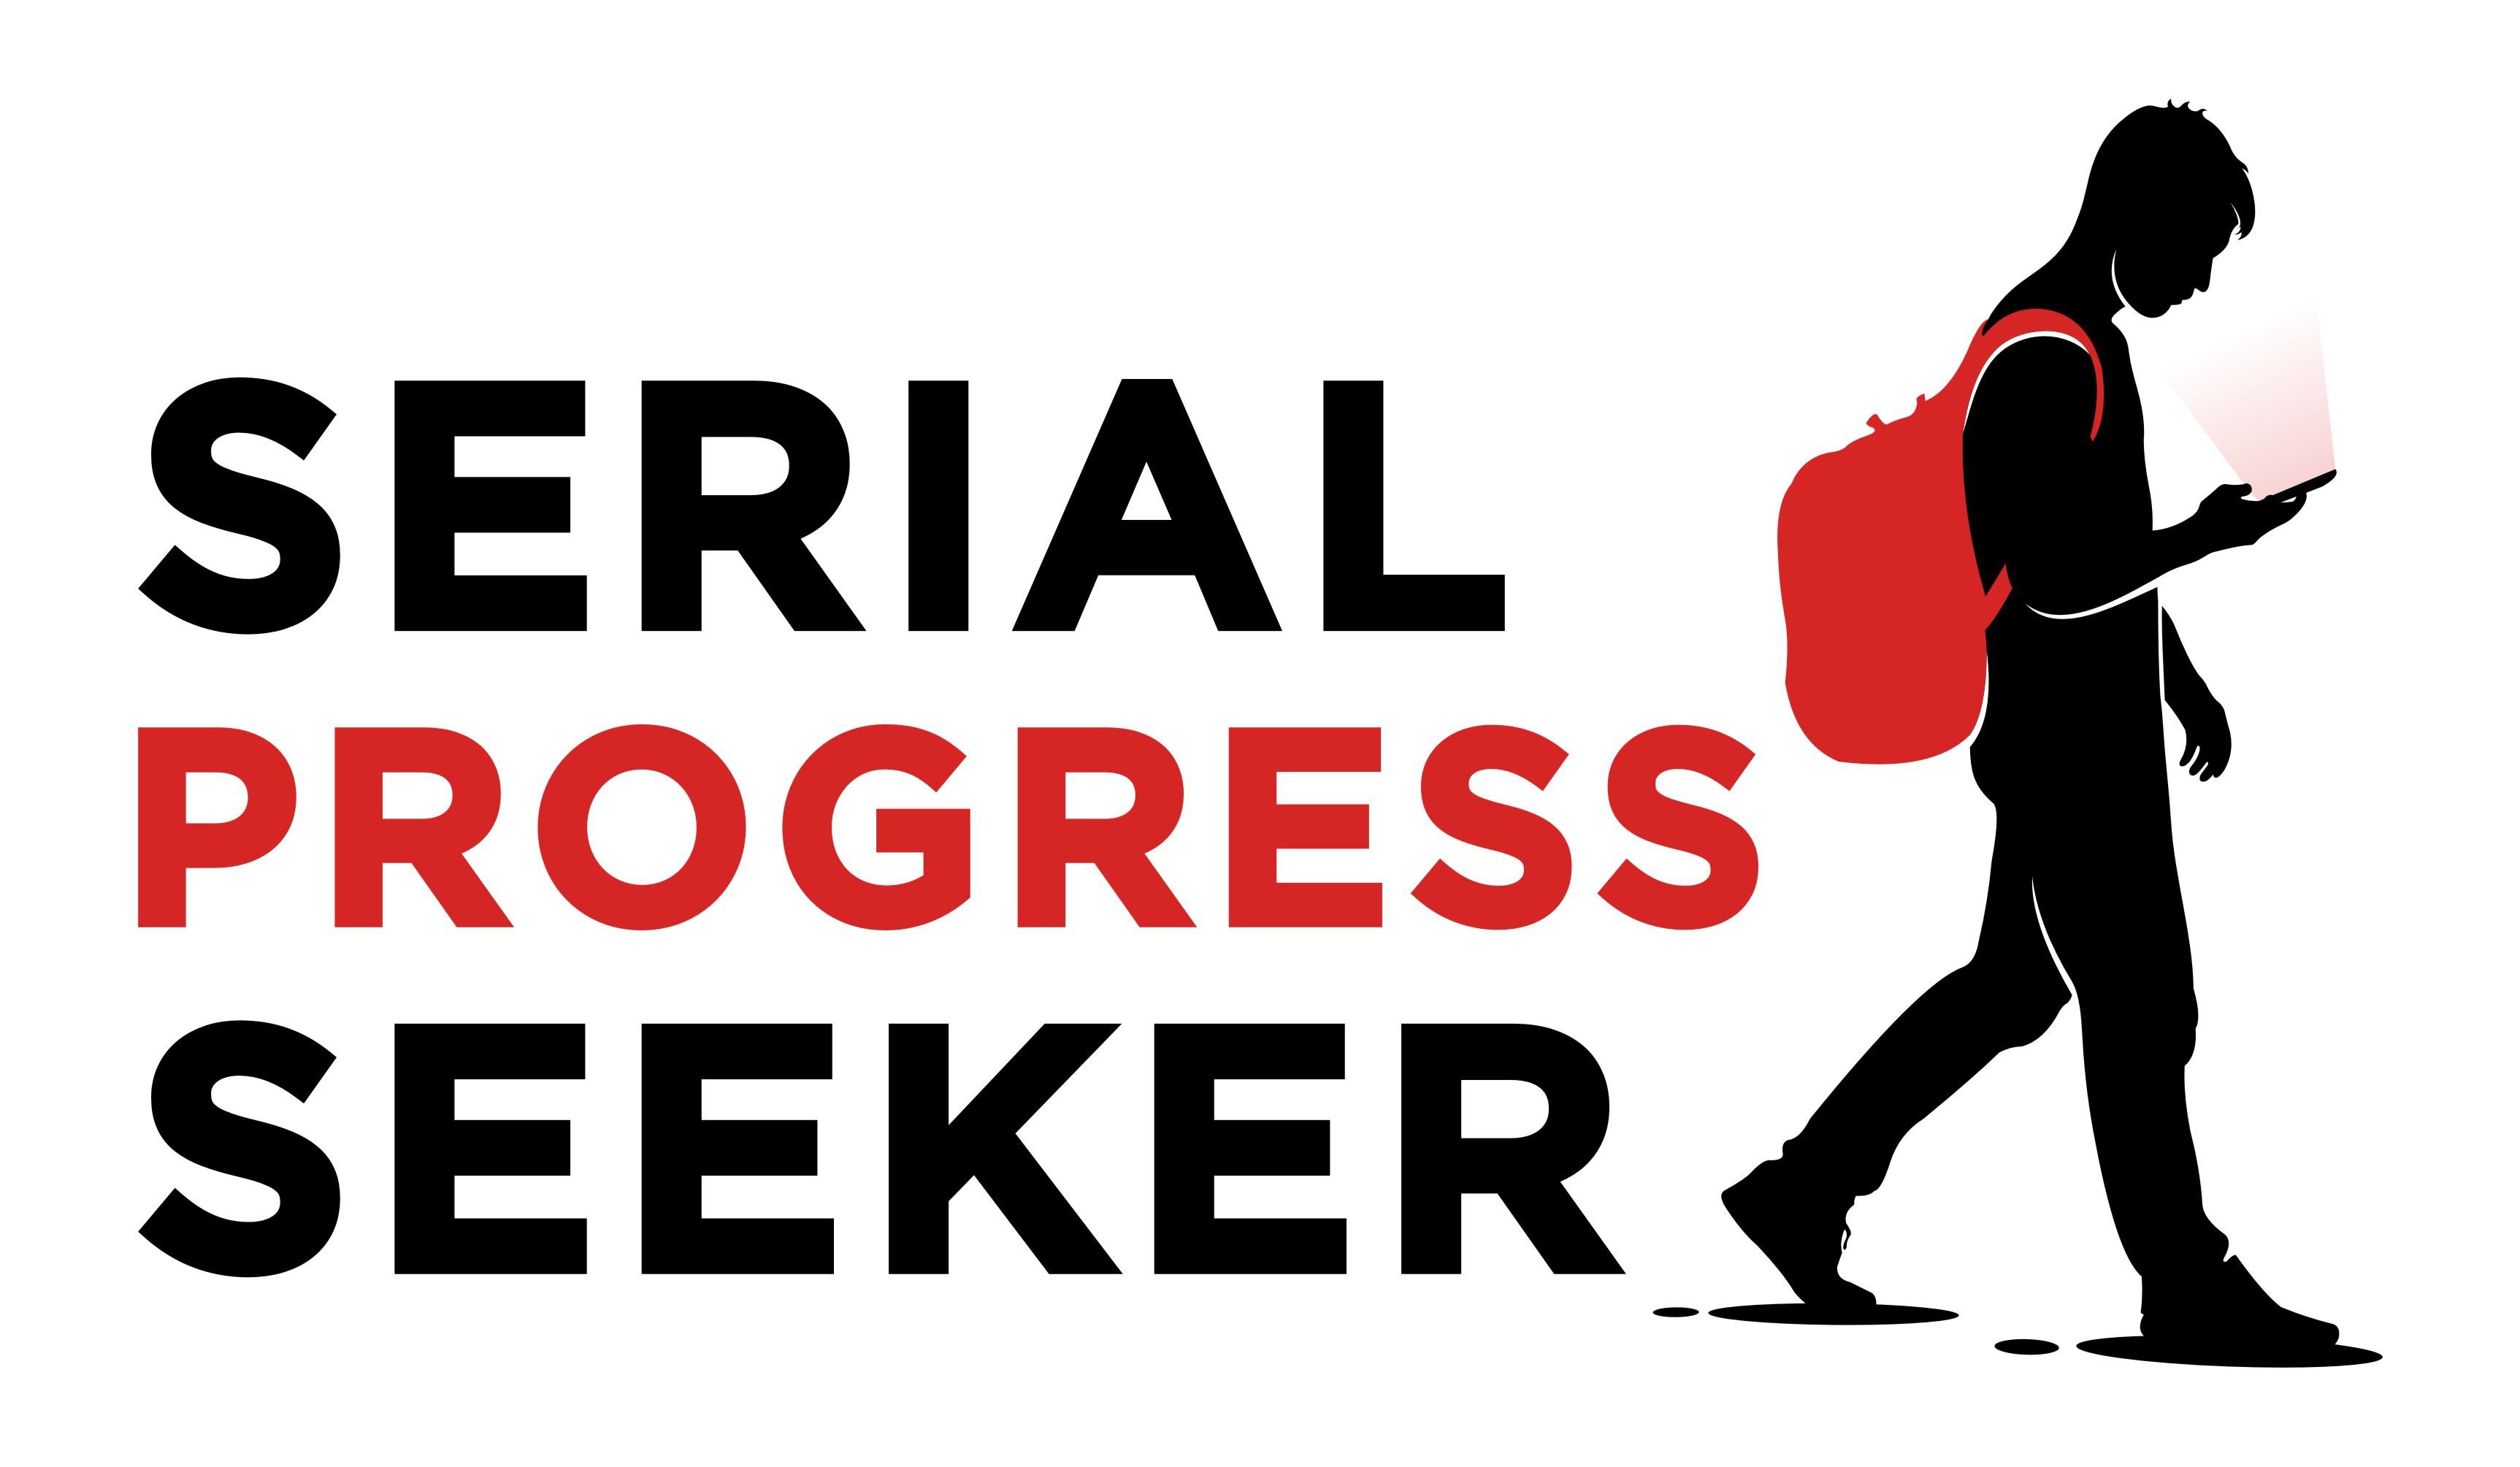 Serial Progress Seeker Logo